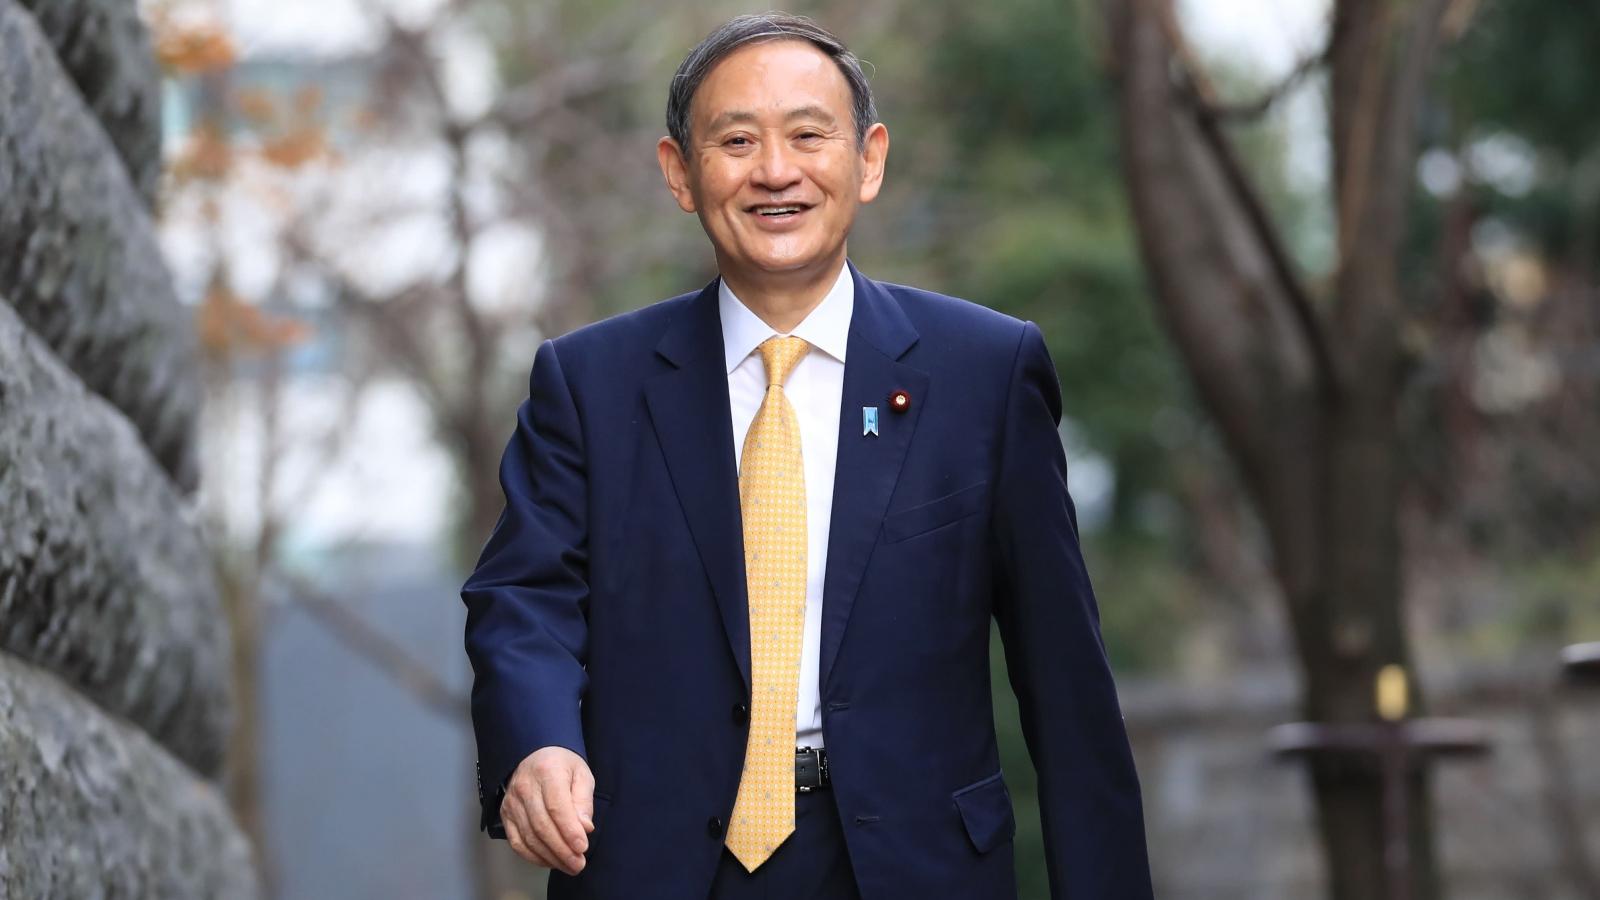 Việt Nam hoan nghênh Thủ tướng Nhật Bản chọn Việt Nam là điểm đến đầu tiên